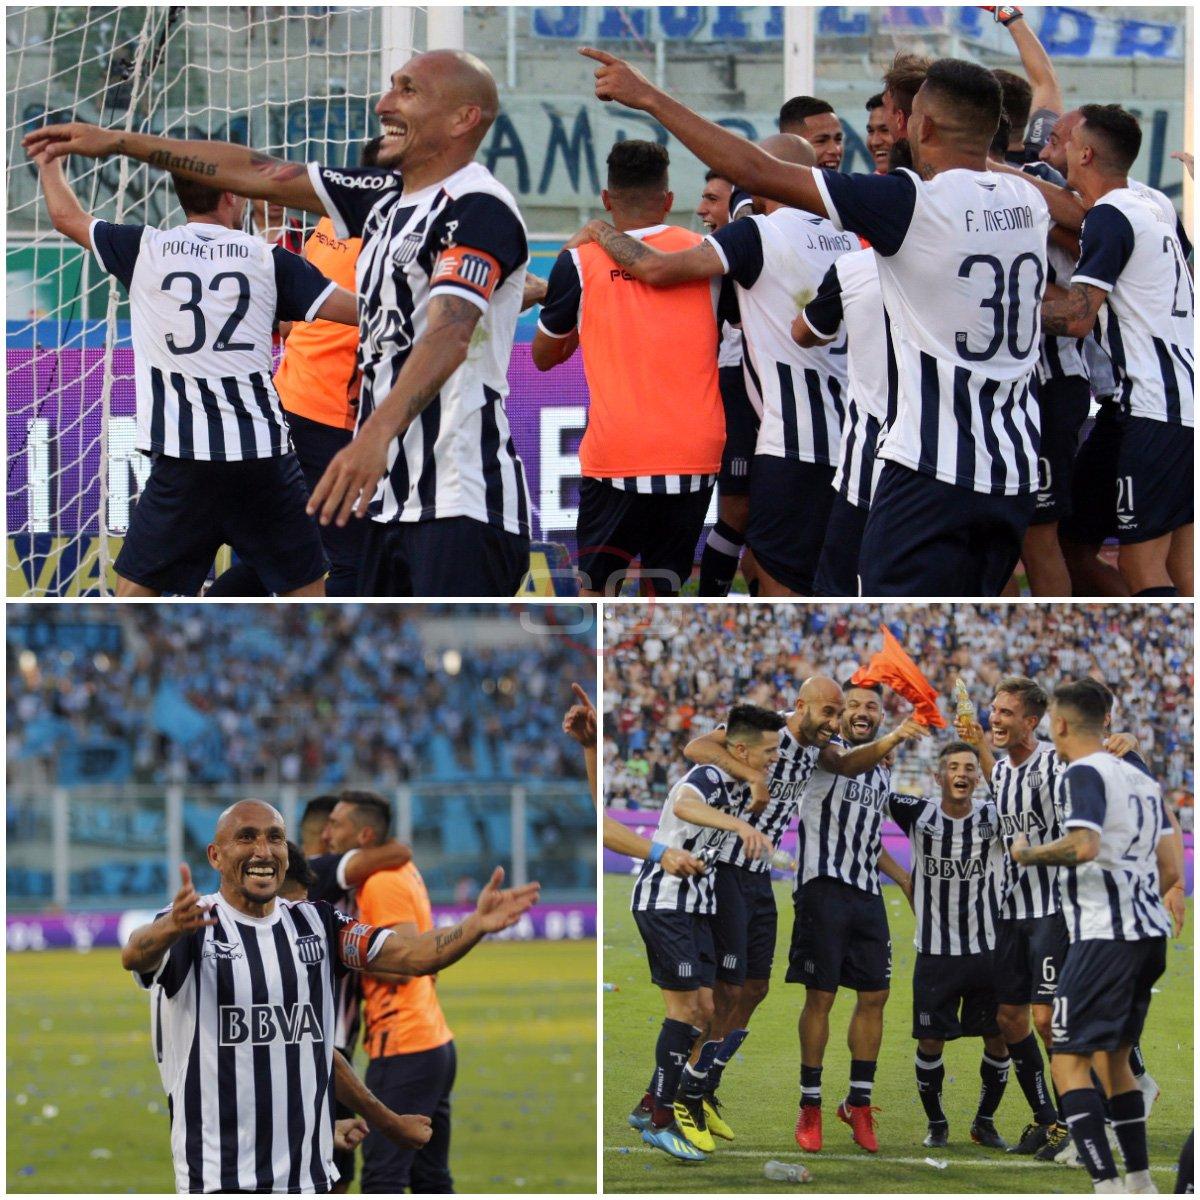 Talleres Cordoba 3 Belgrano Cordoba 0 - Superliga 2018/19 (Fecha 8) - Vídeo Do8GaCmXgAcL5Lw